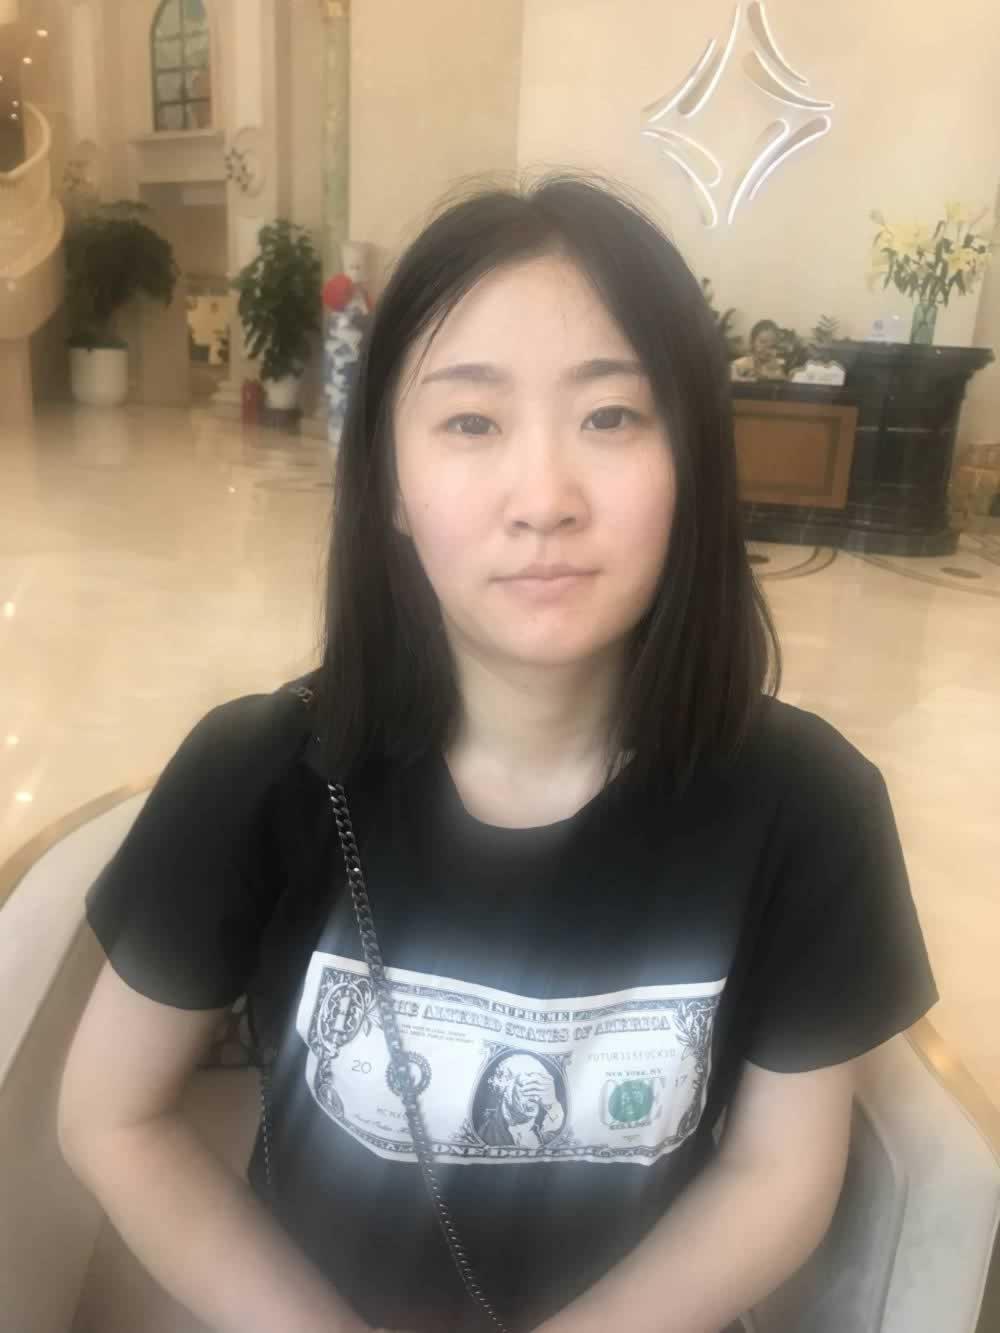 北京玲珑梵宫的假体隆鼻+耳软骨垫鼻尖术效果杠杠滴。